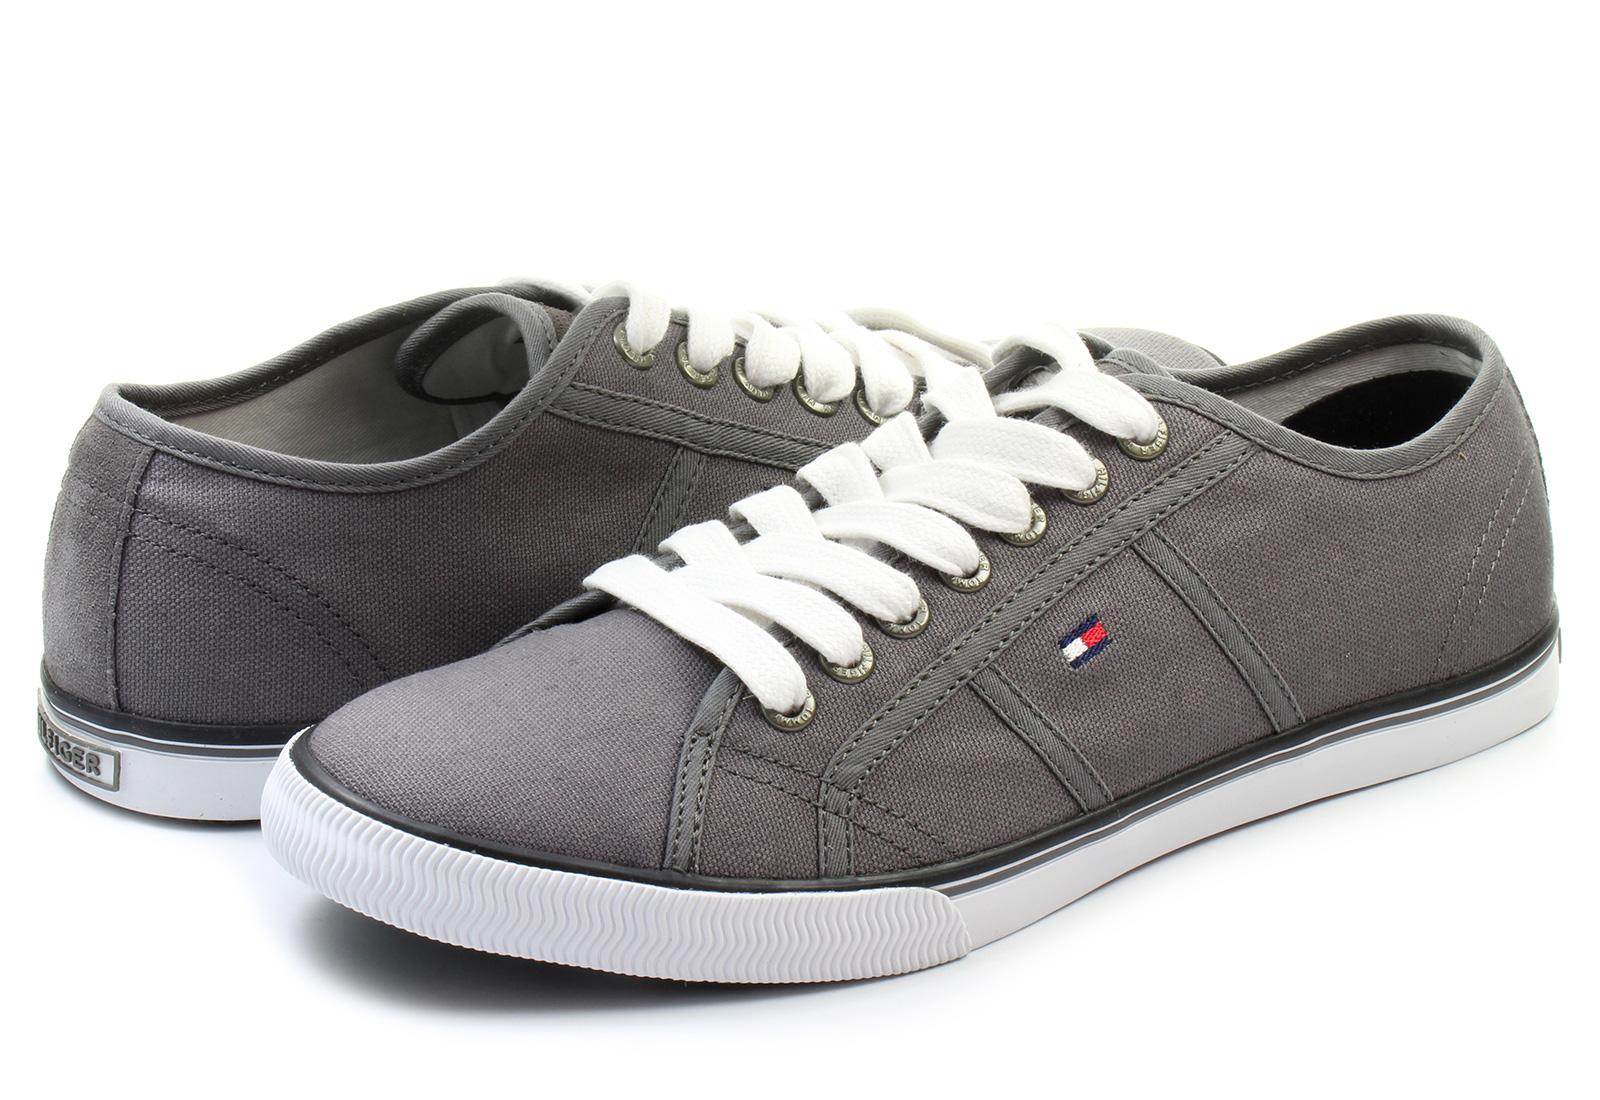 Tommy Hilfiger Cipő - Vantage 2d - 15S-9047-039 - Office Shoes ... aed1633205